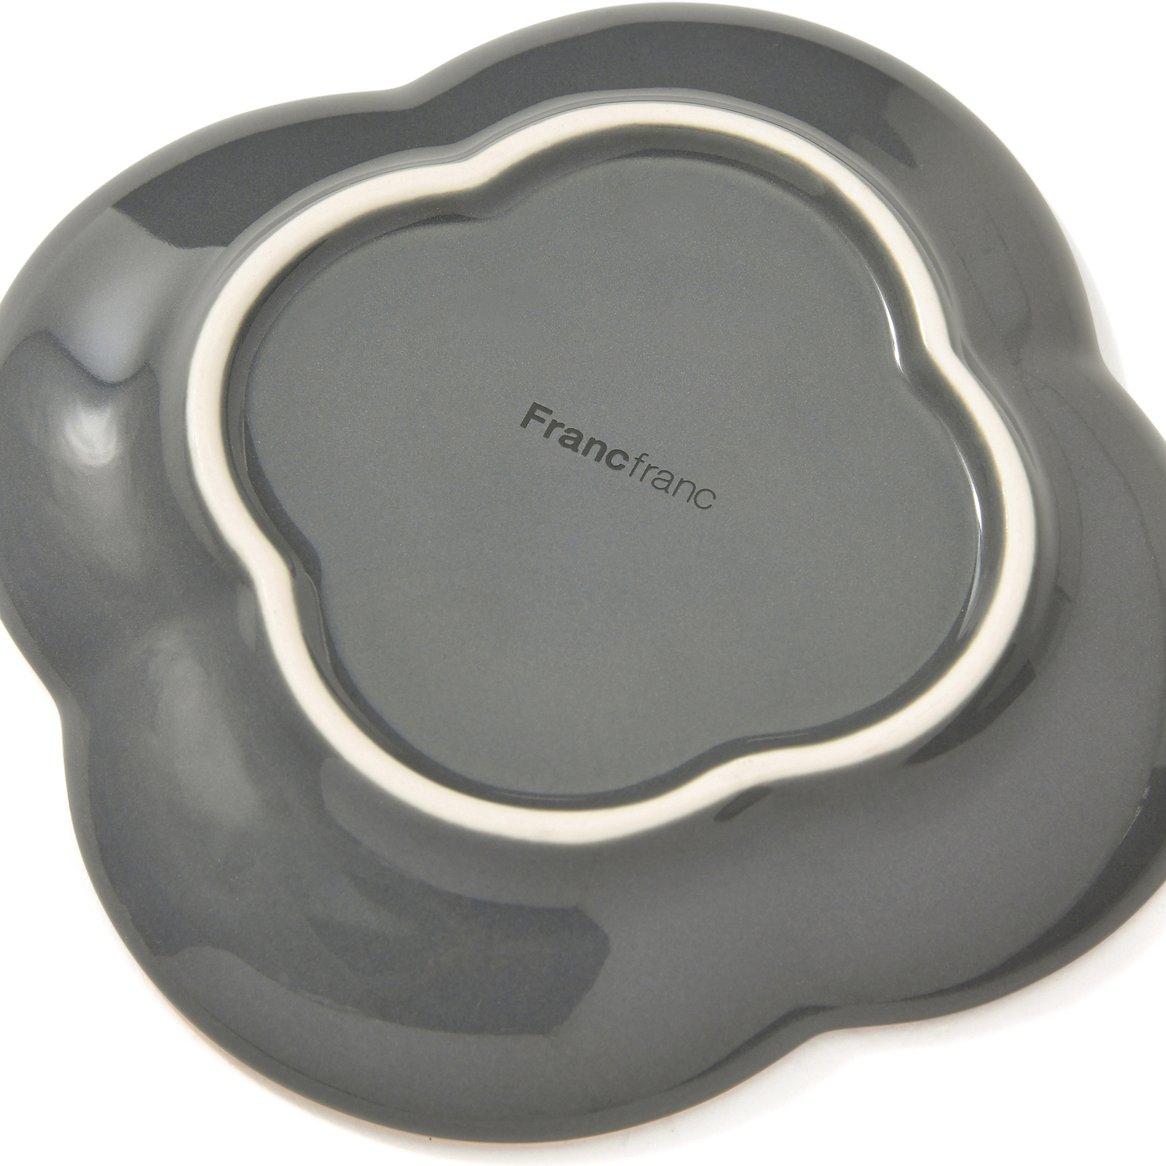 Francfranc(フランフラン) おうちカフェセット 2 personsの商品画像33